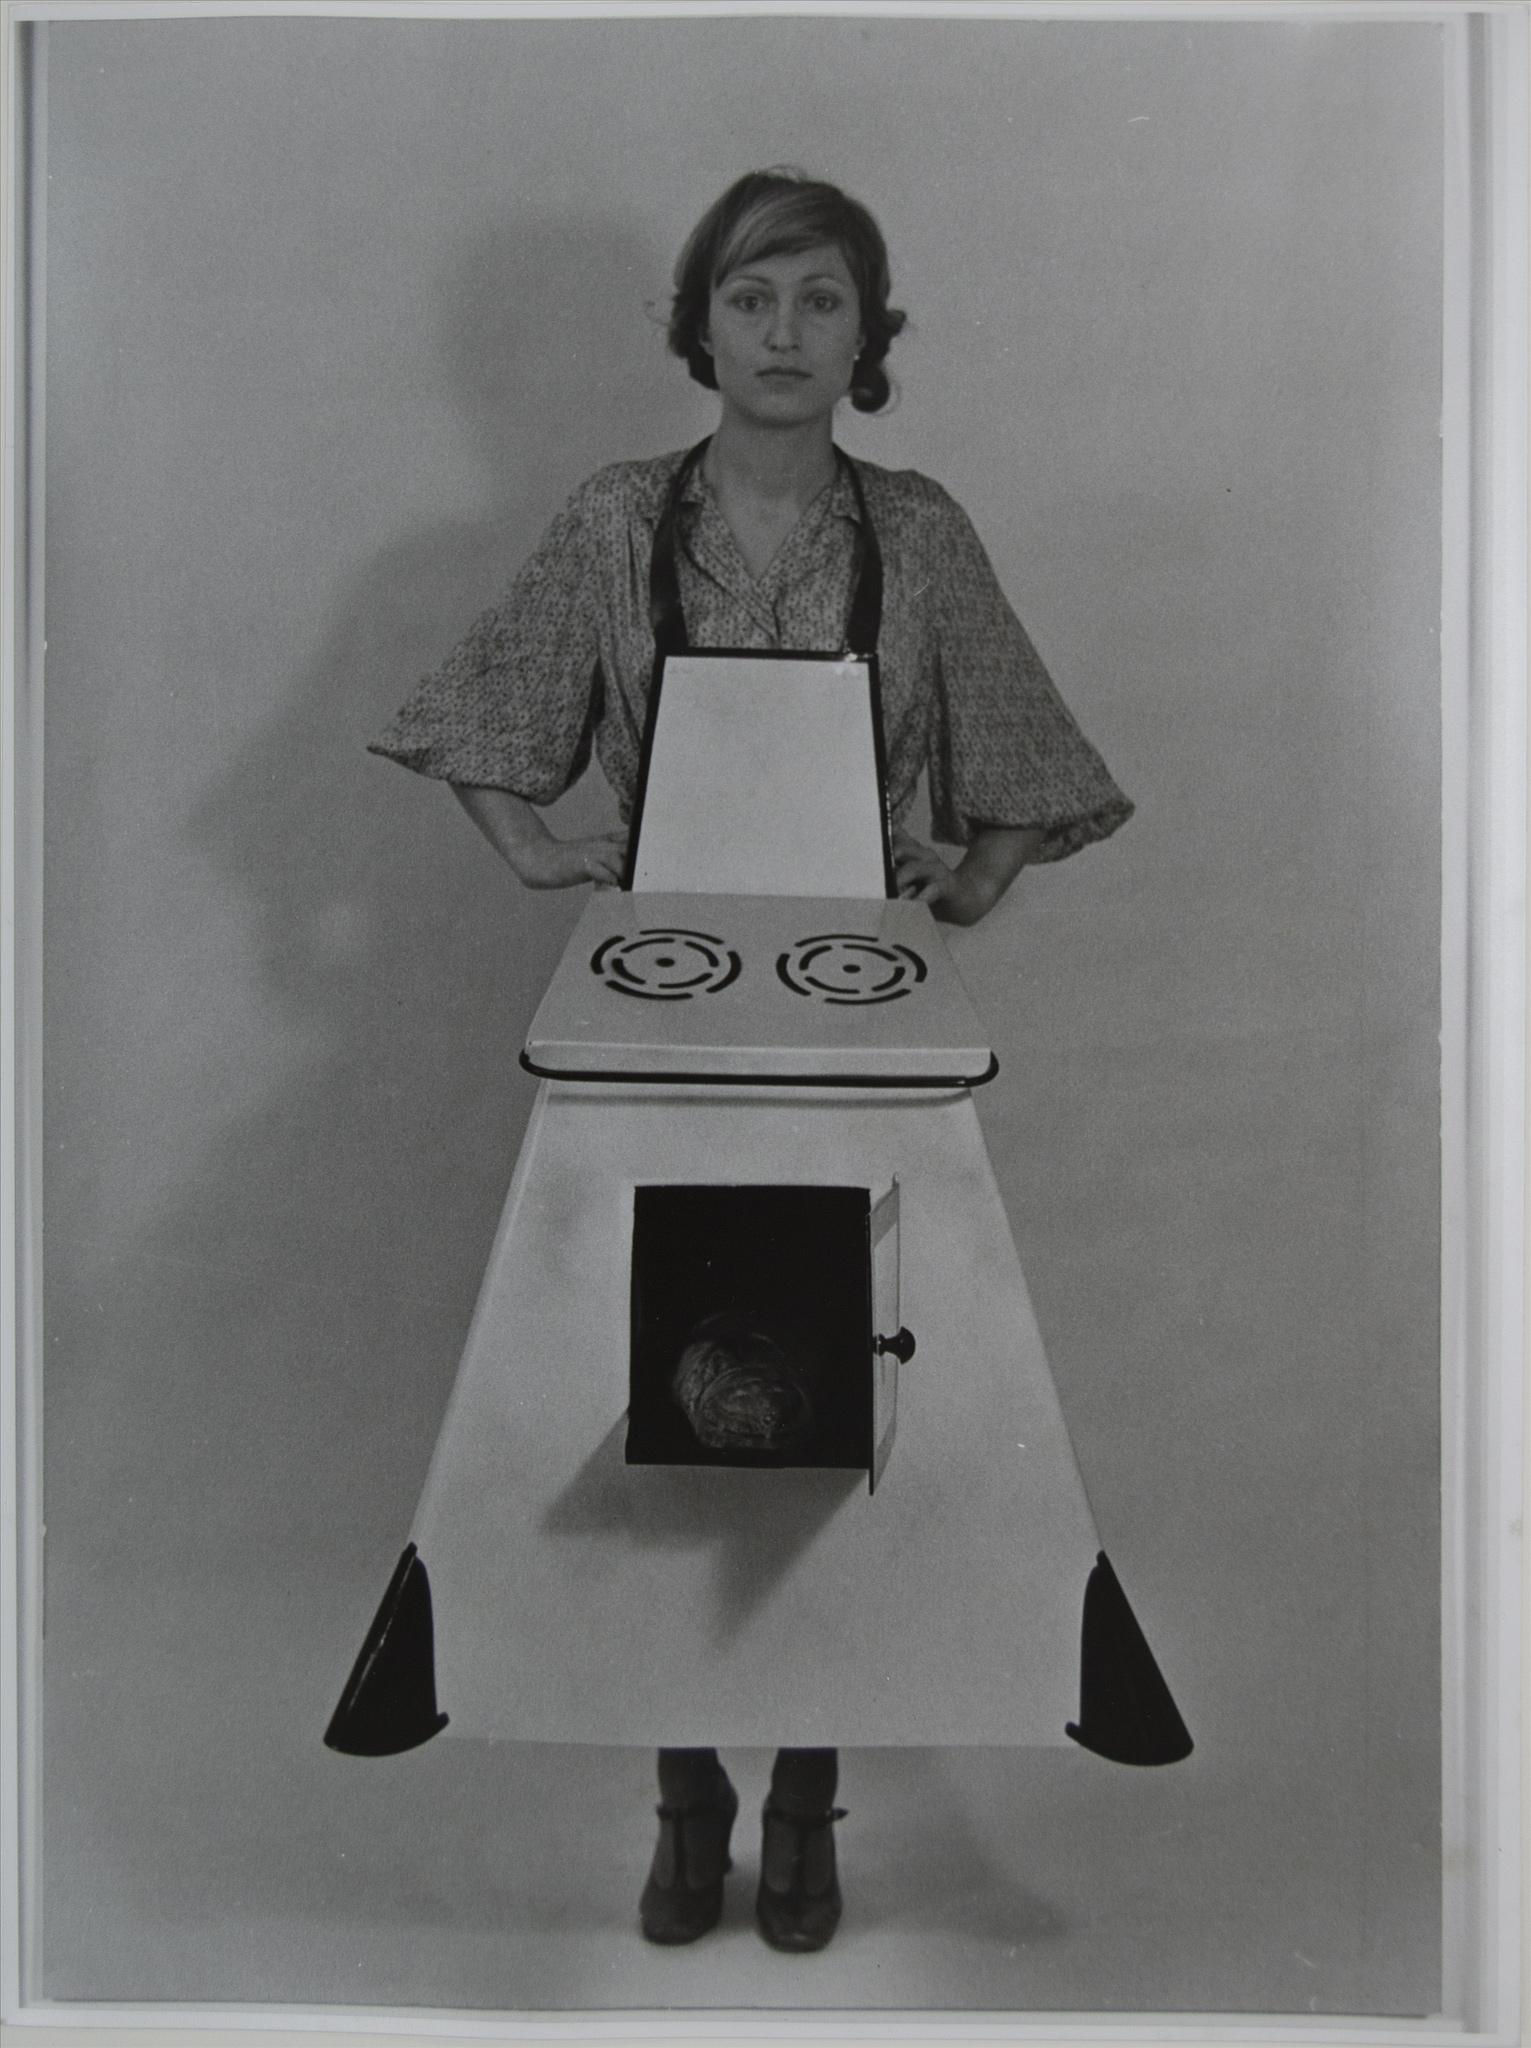 Birgit Jurgenssen - Fartuch kuchenny gospodyni domowej. Praca z kolekcji Muzeum Sztuki w Łodzi (Źródło: materiały prasowe organizatora)